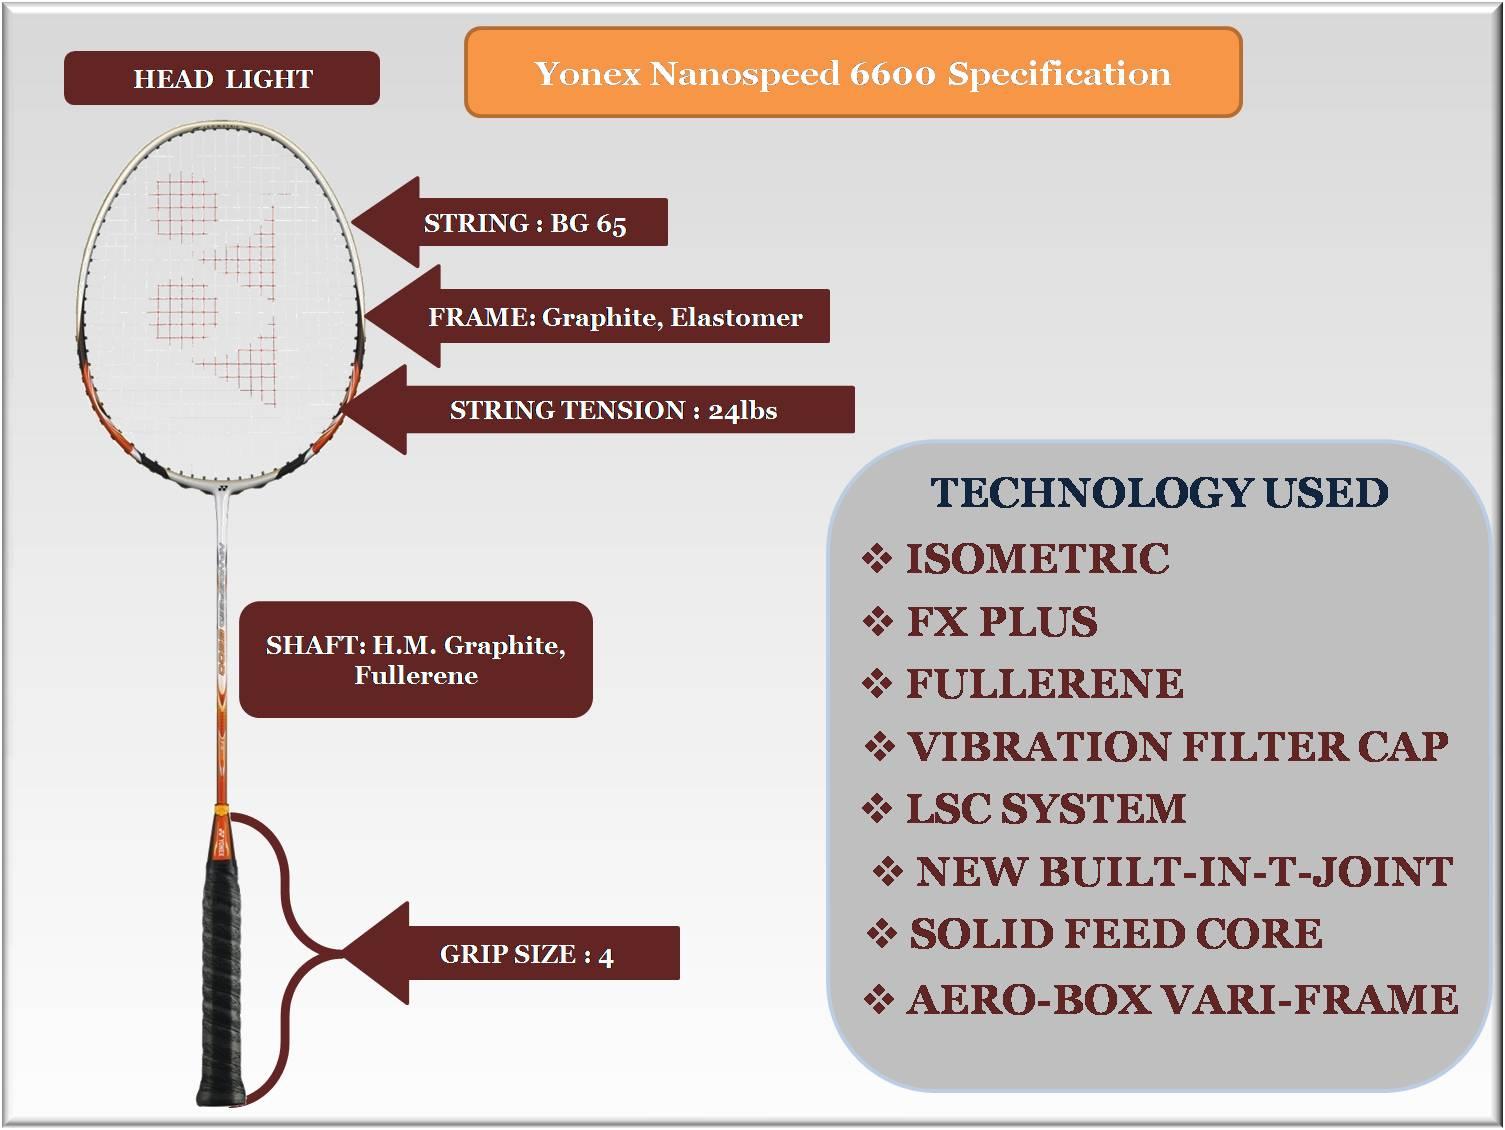 Yonex Nanospeed 6600 Review